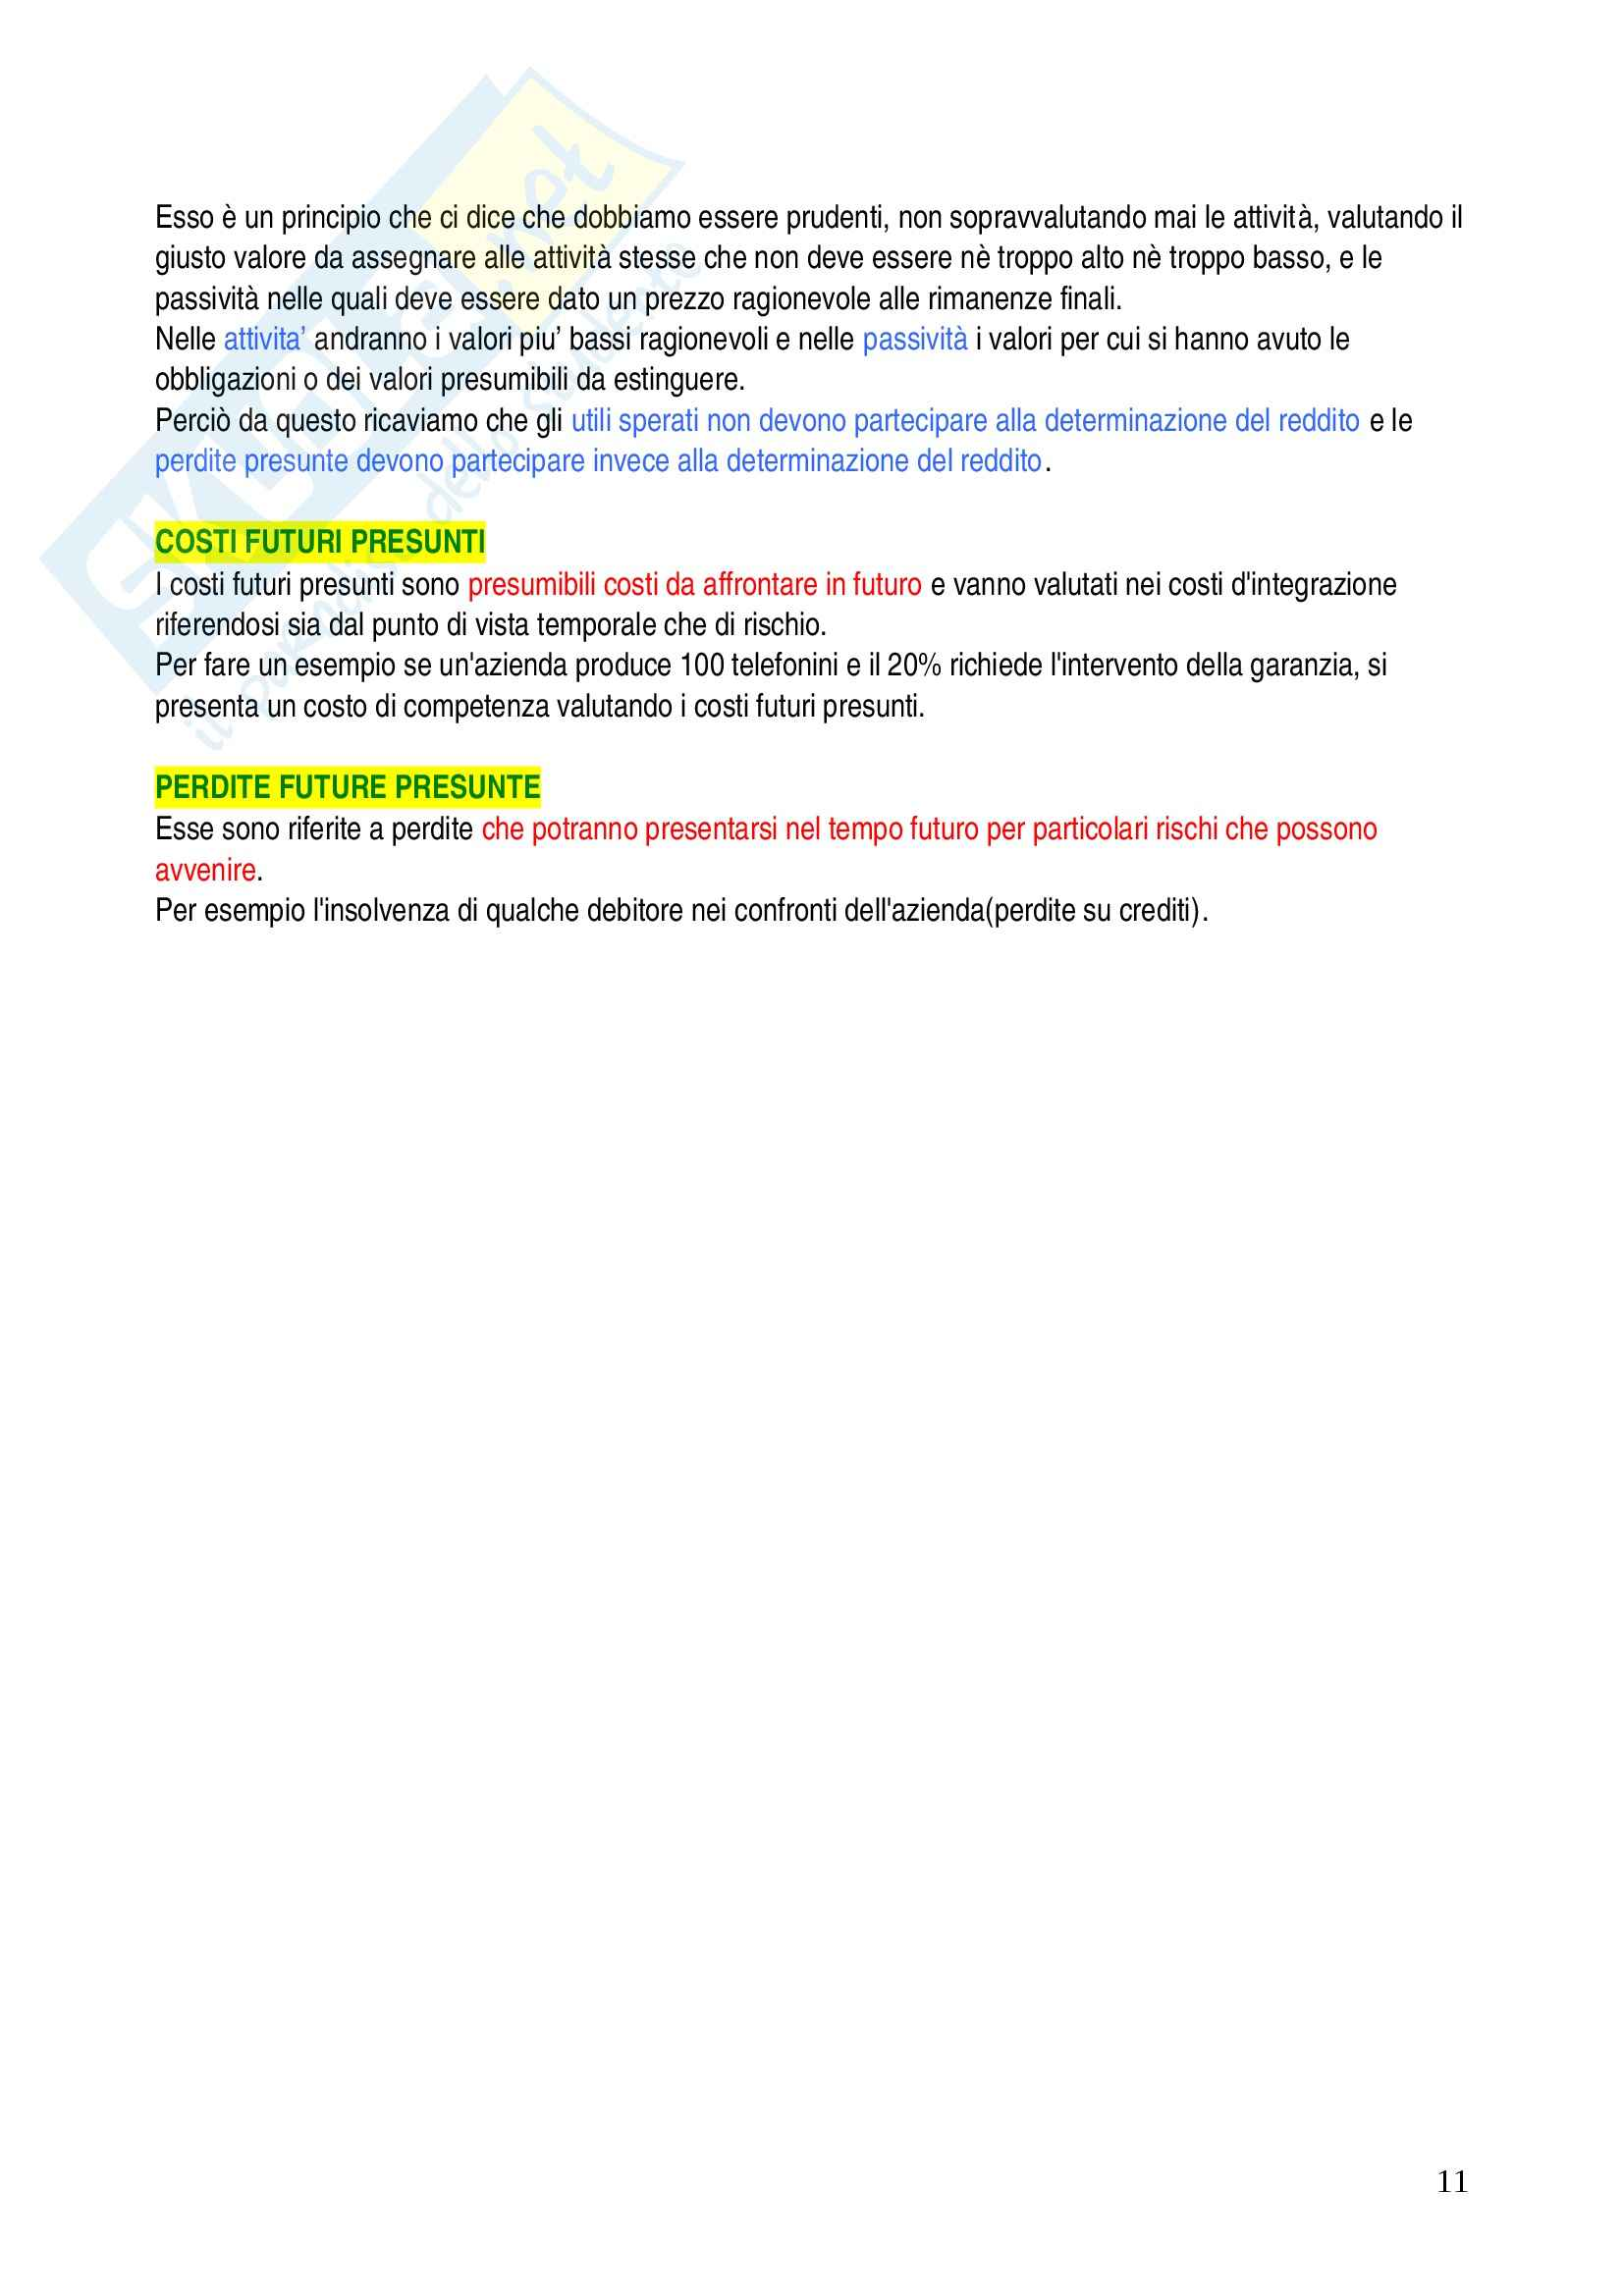 Economia ed organizzazione aziendale - domande Pag. 11